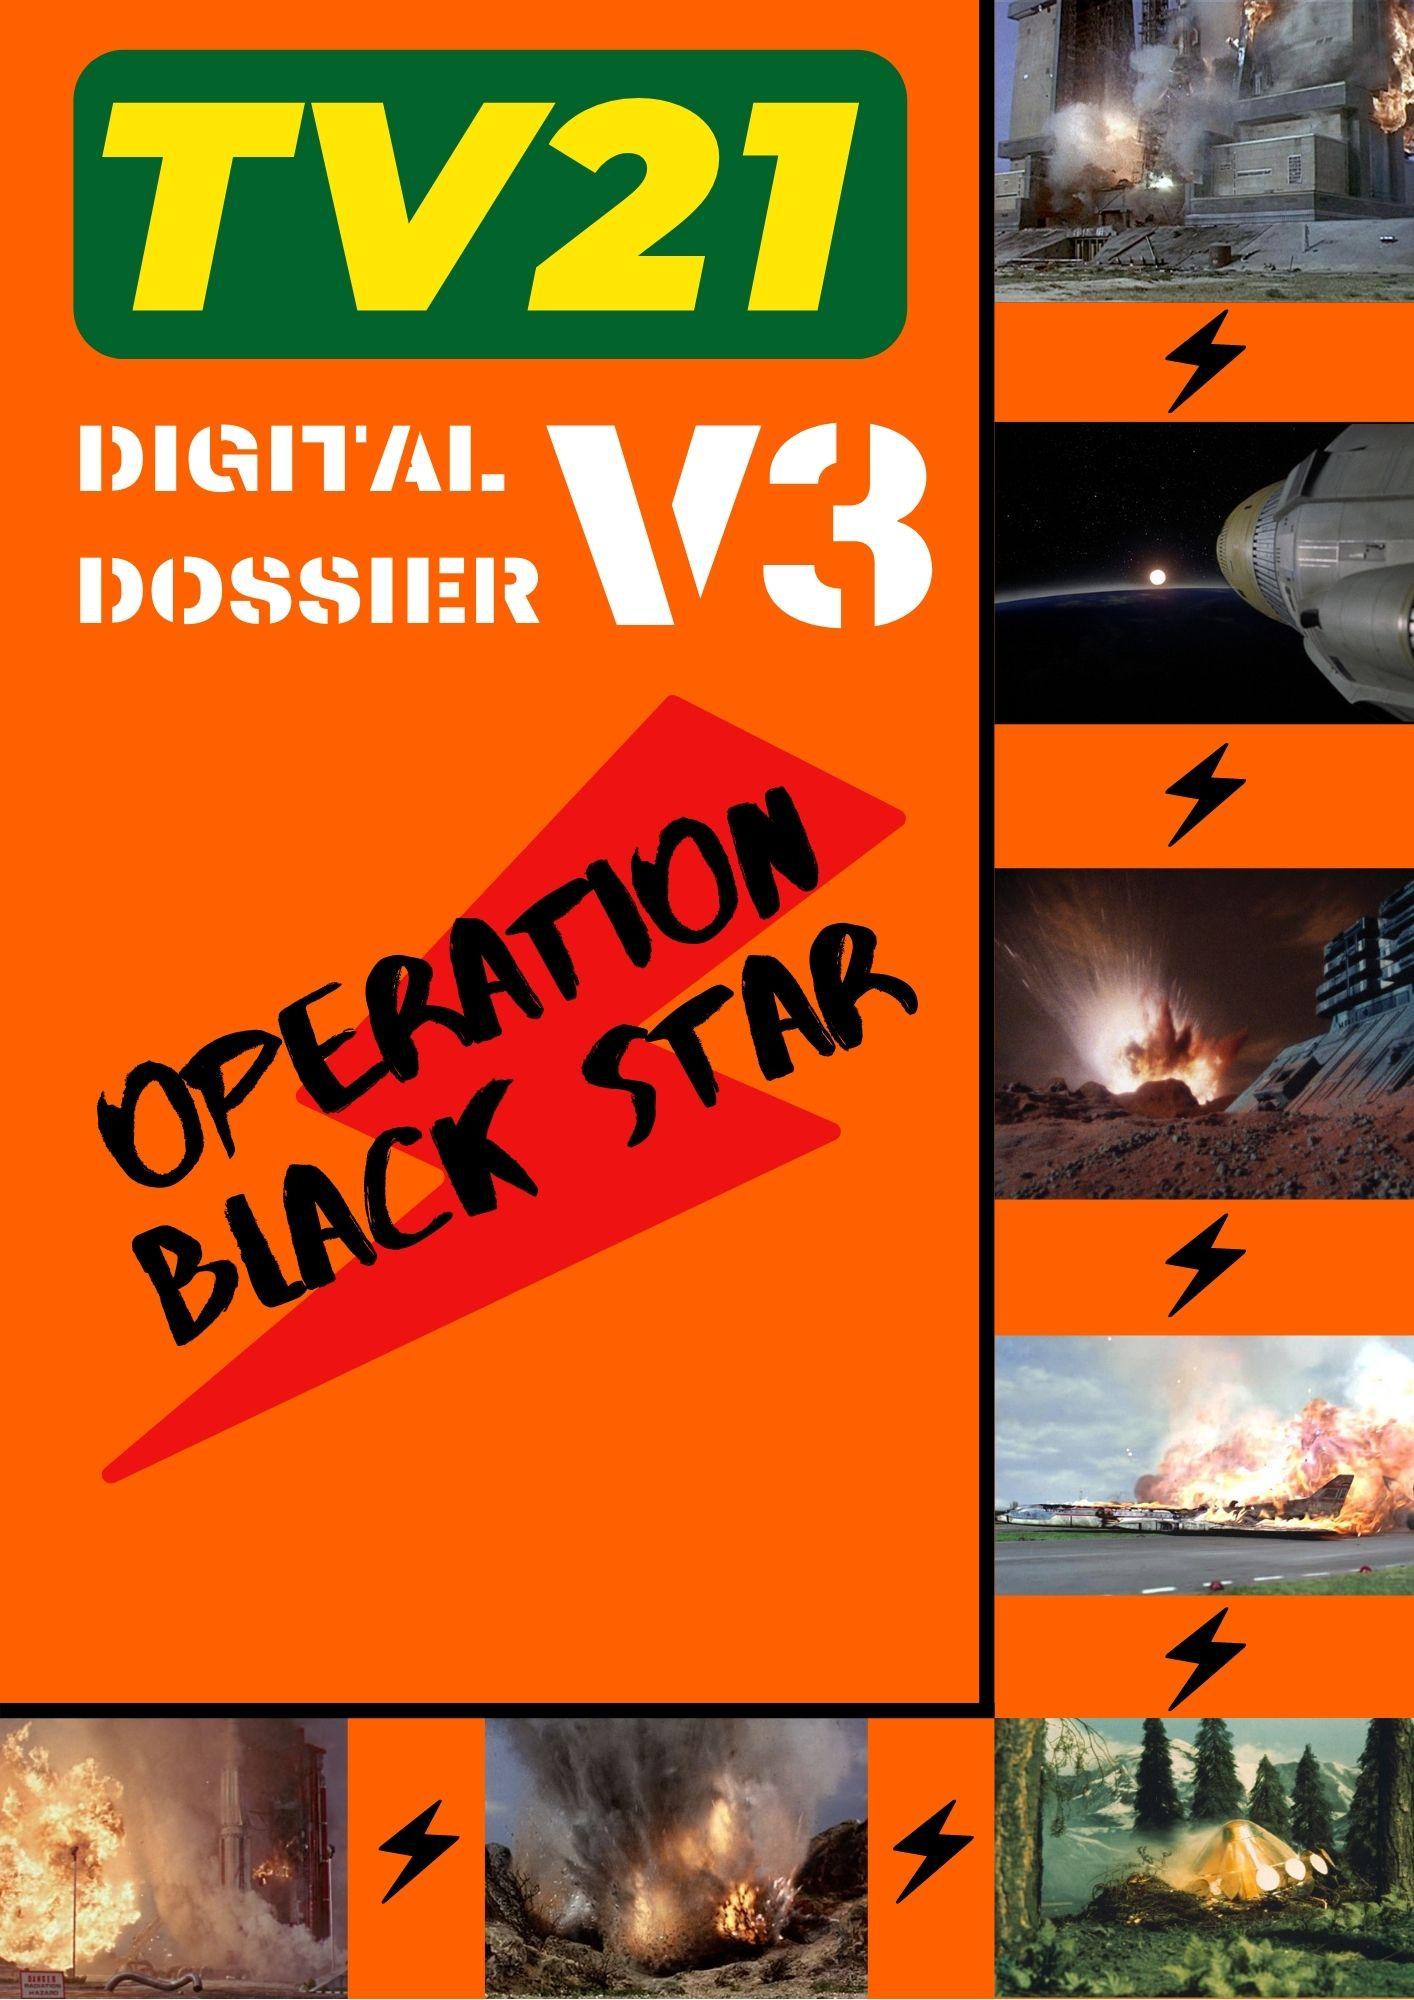 TV21 Digitial Dossier - V3_ Operation Black Star